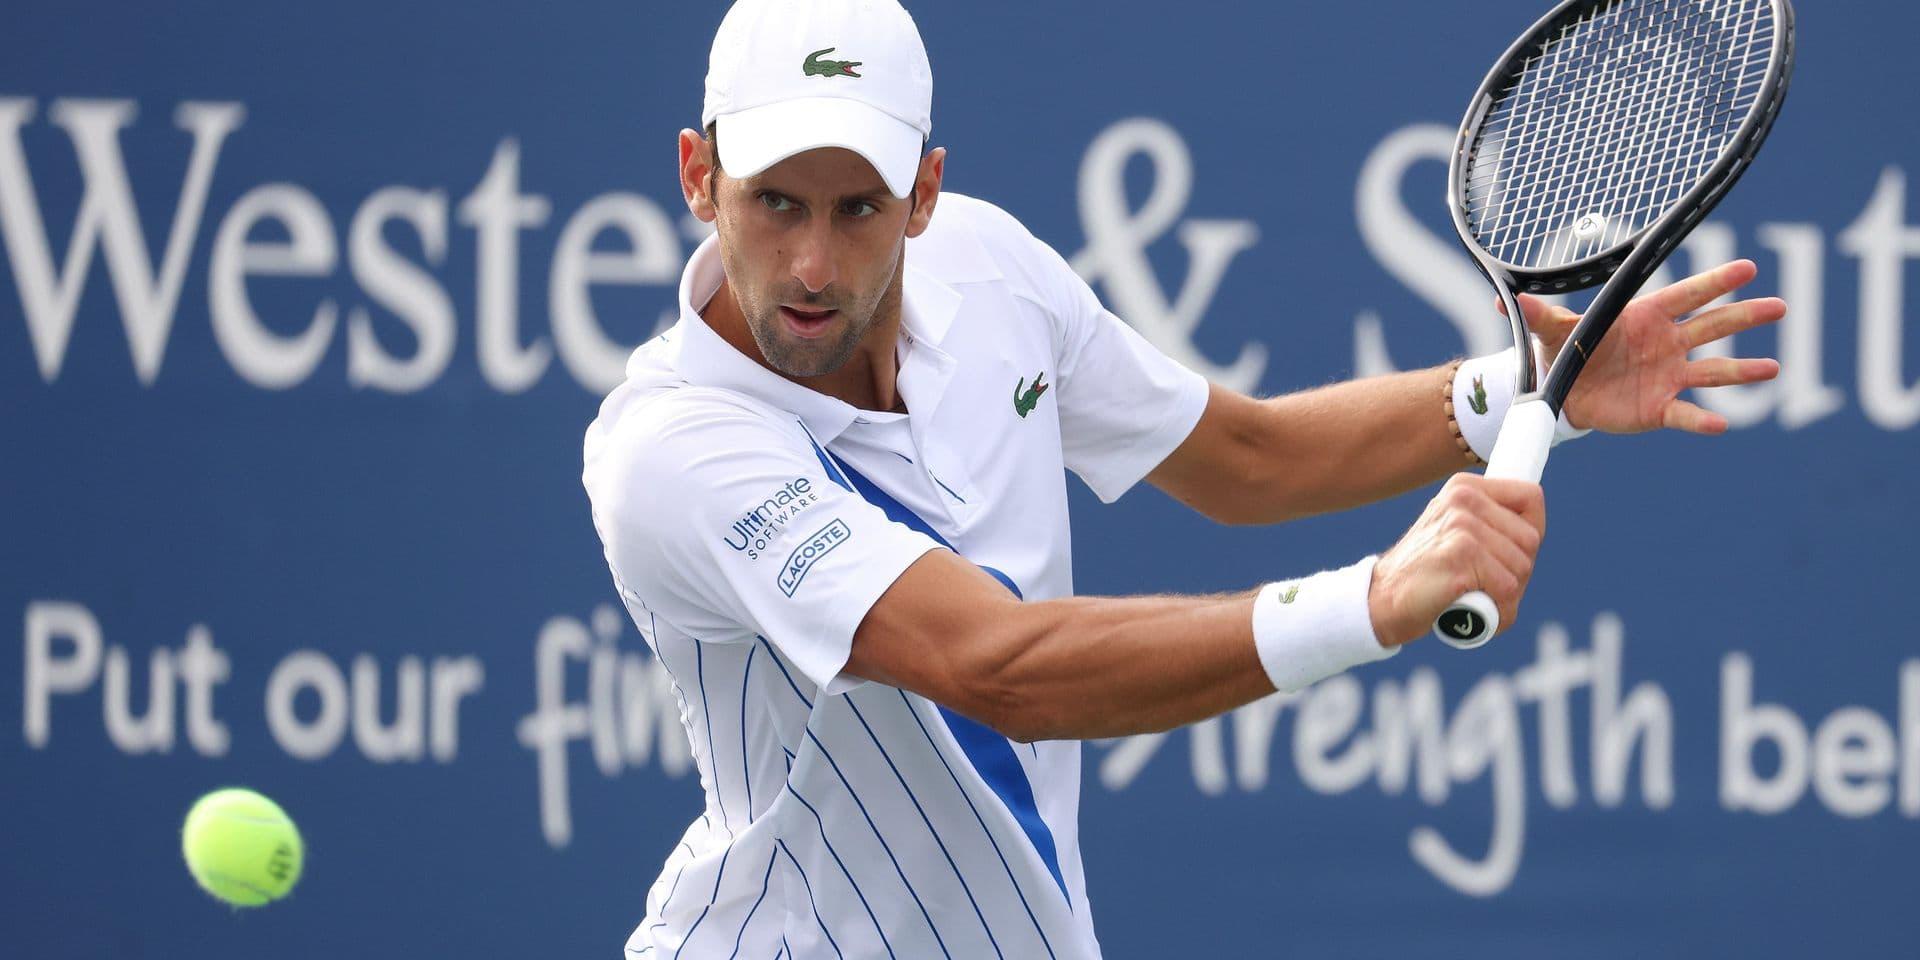 Cincinnati: Djokovic vient difficilement à bout de Bautista Agut pour rejoindre Raonic en finale